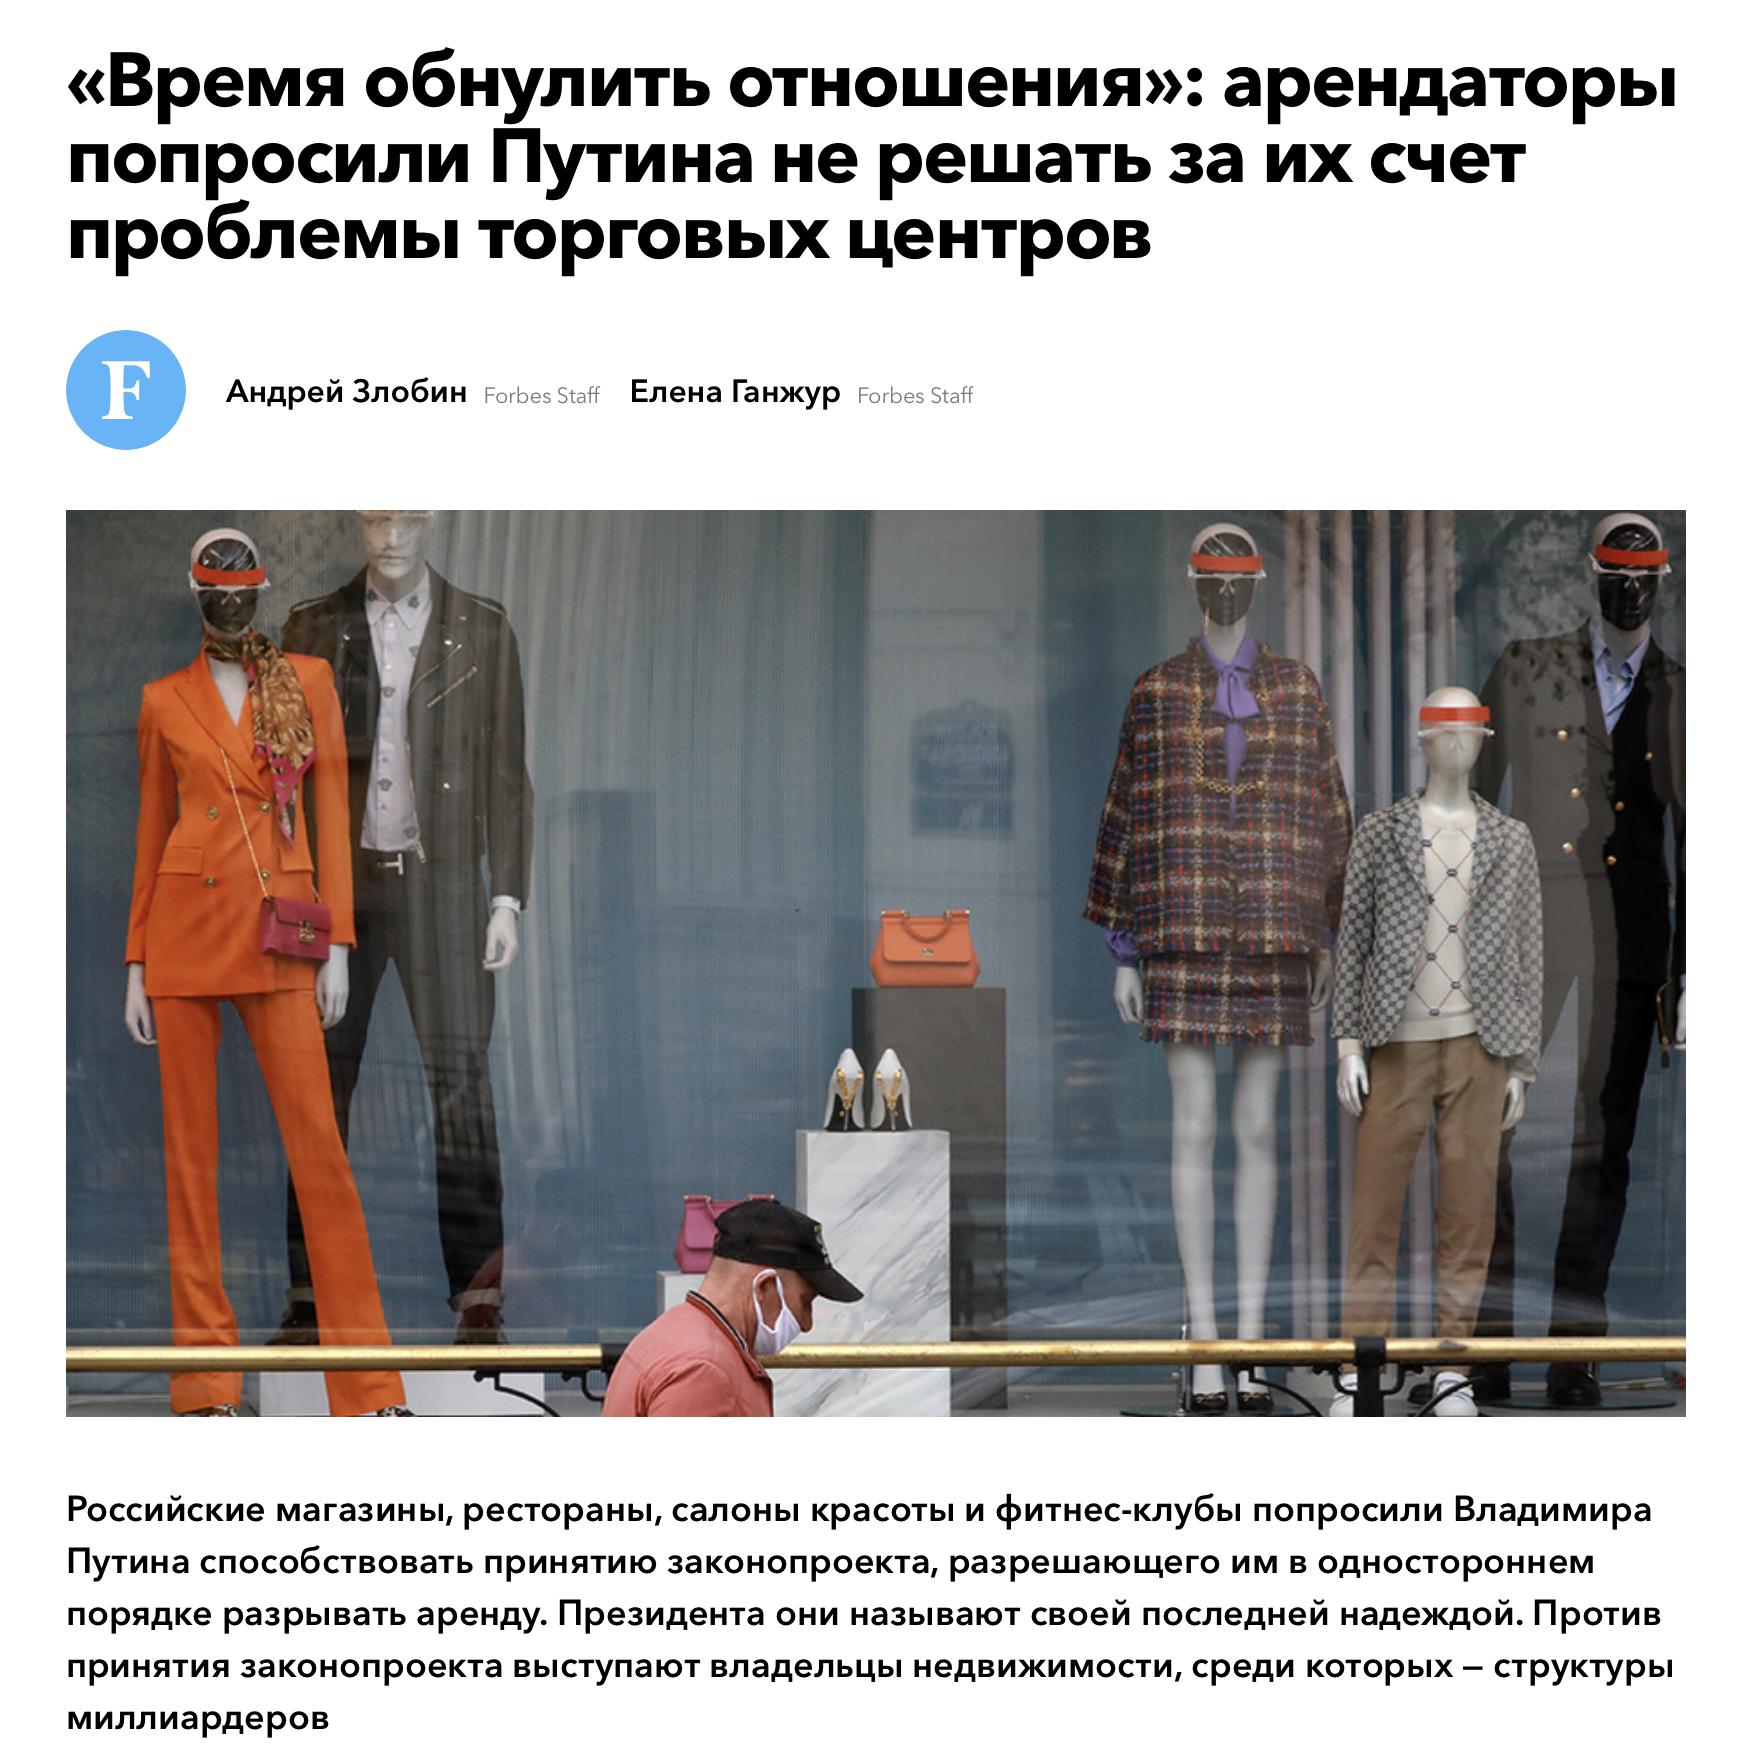 - Сергей, есть новости по законопроекту о выходе из ТРЦ? - Есть, пока олигархи